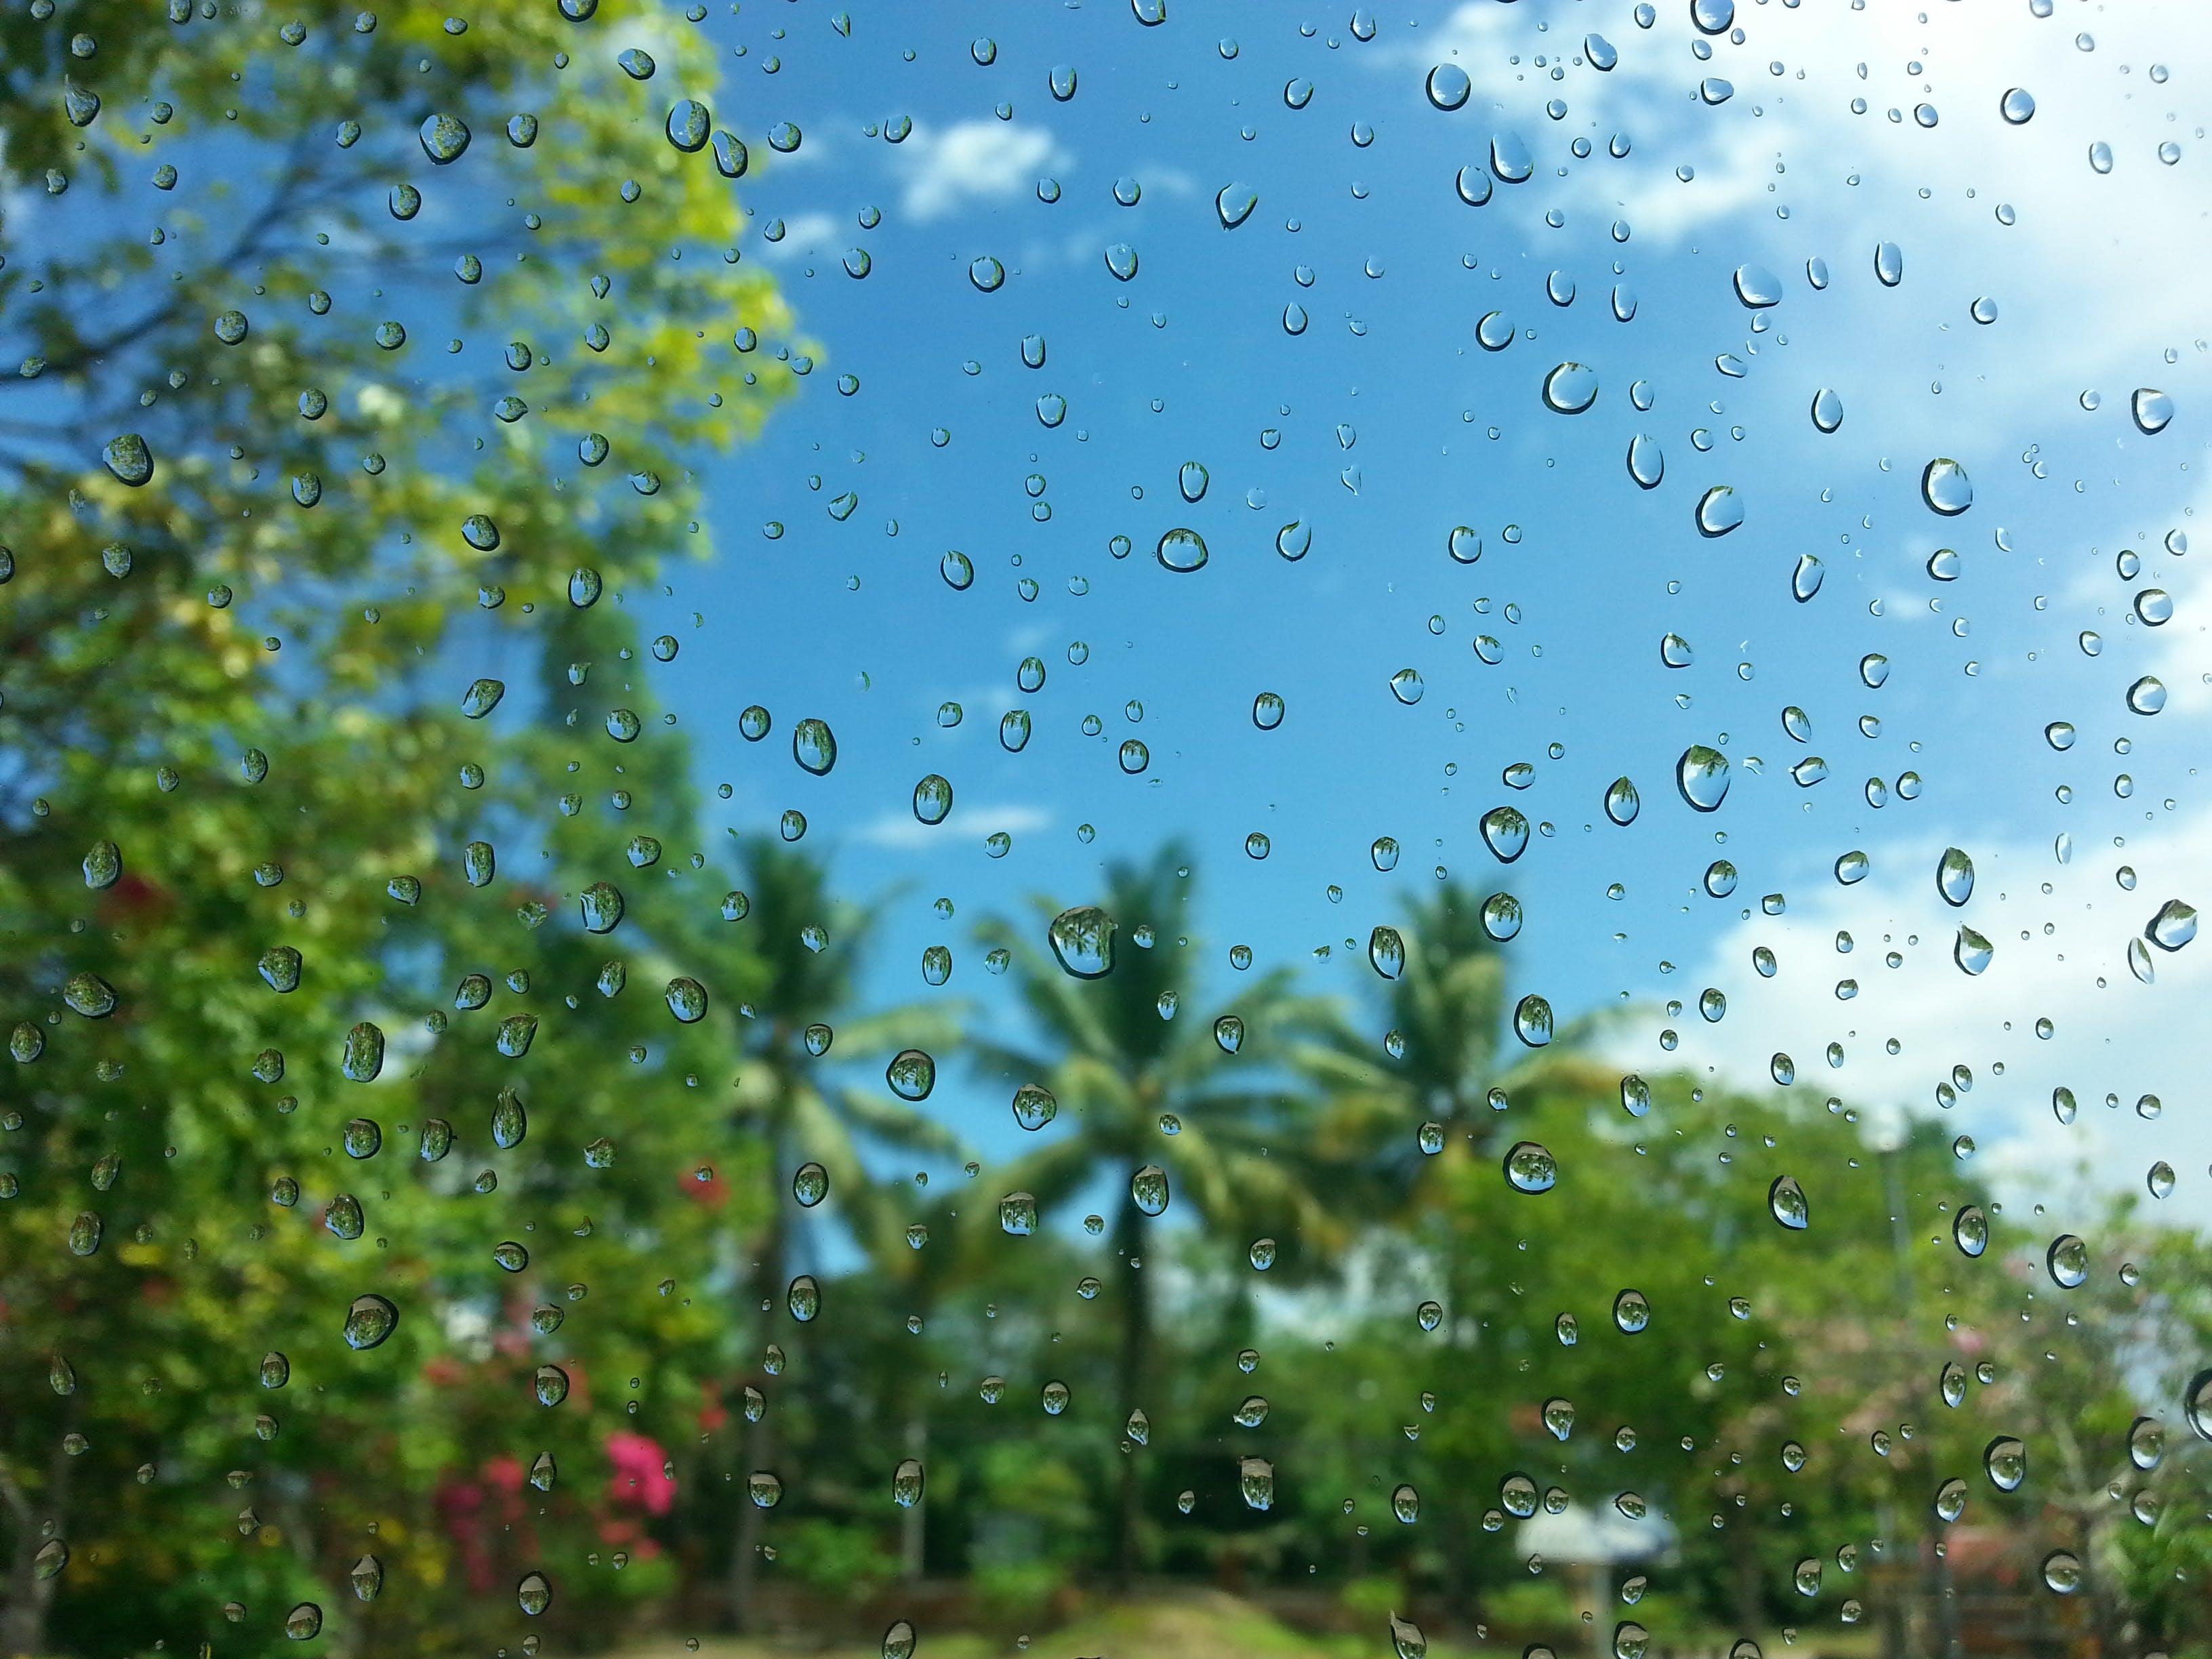 blur, bubble, clear